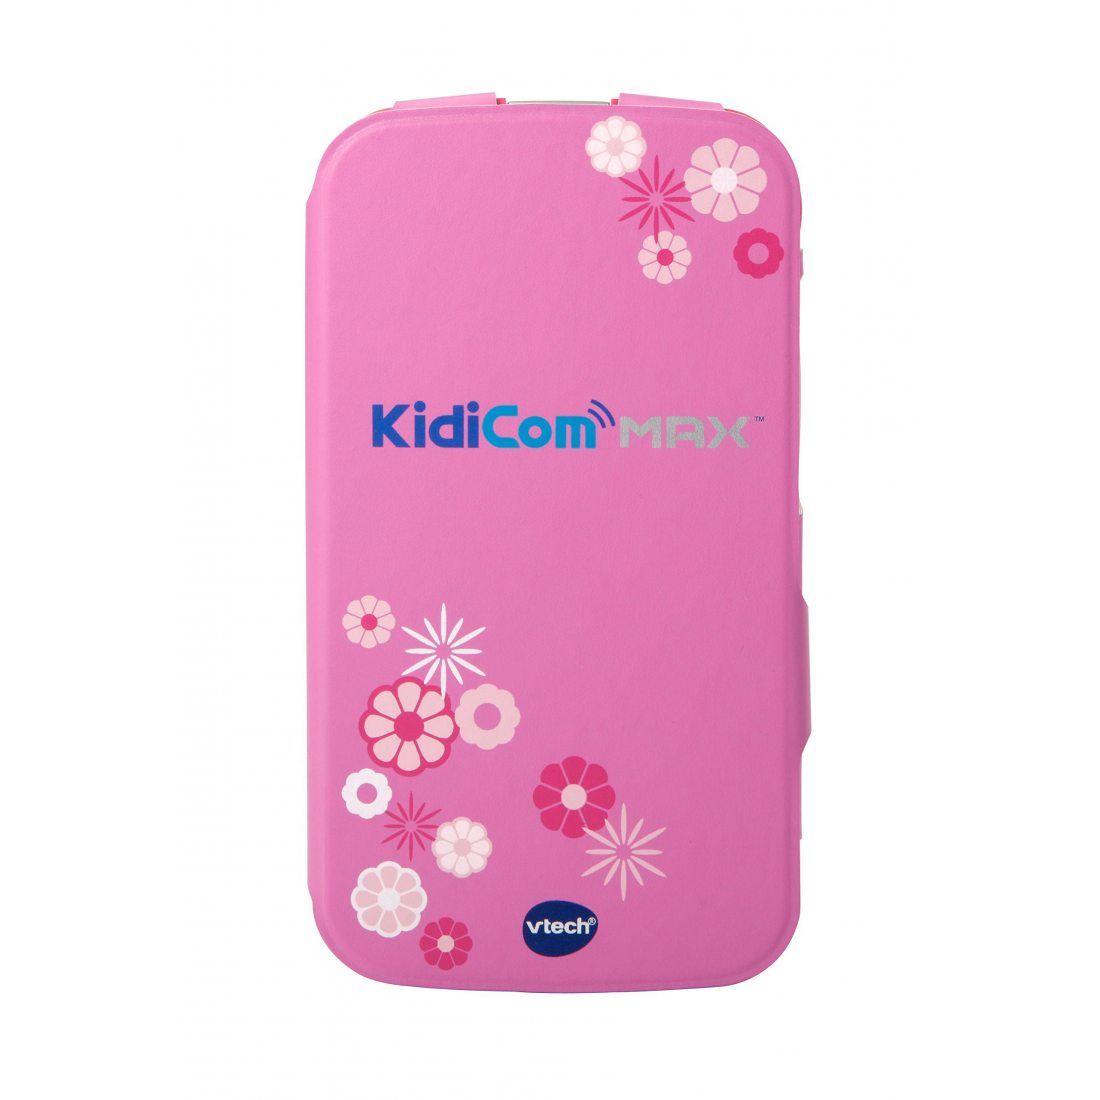 VTech - 401659 - Kidicom Max - Etui de Protection - Rose